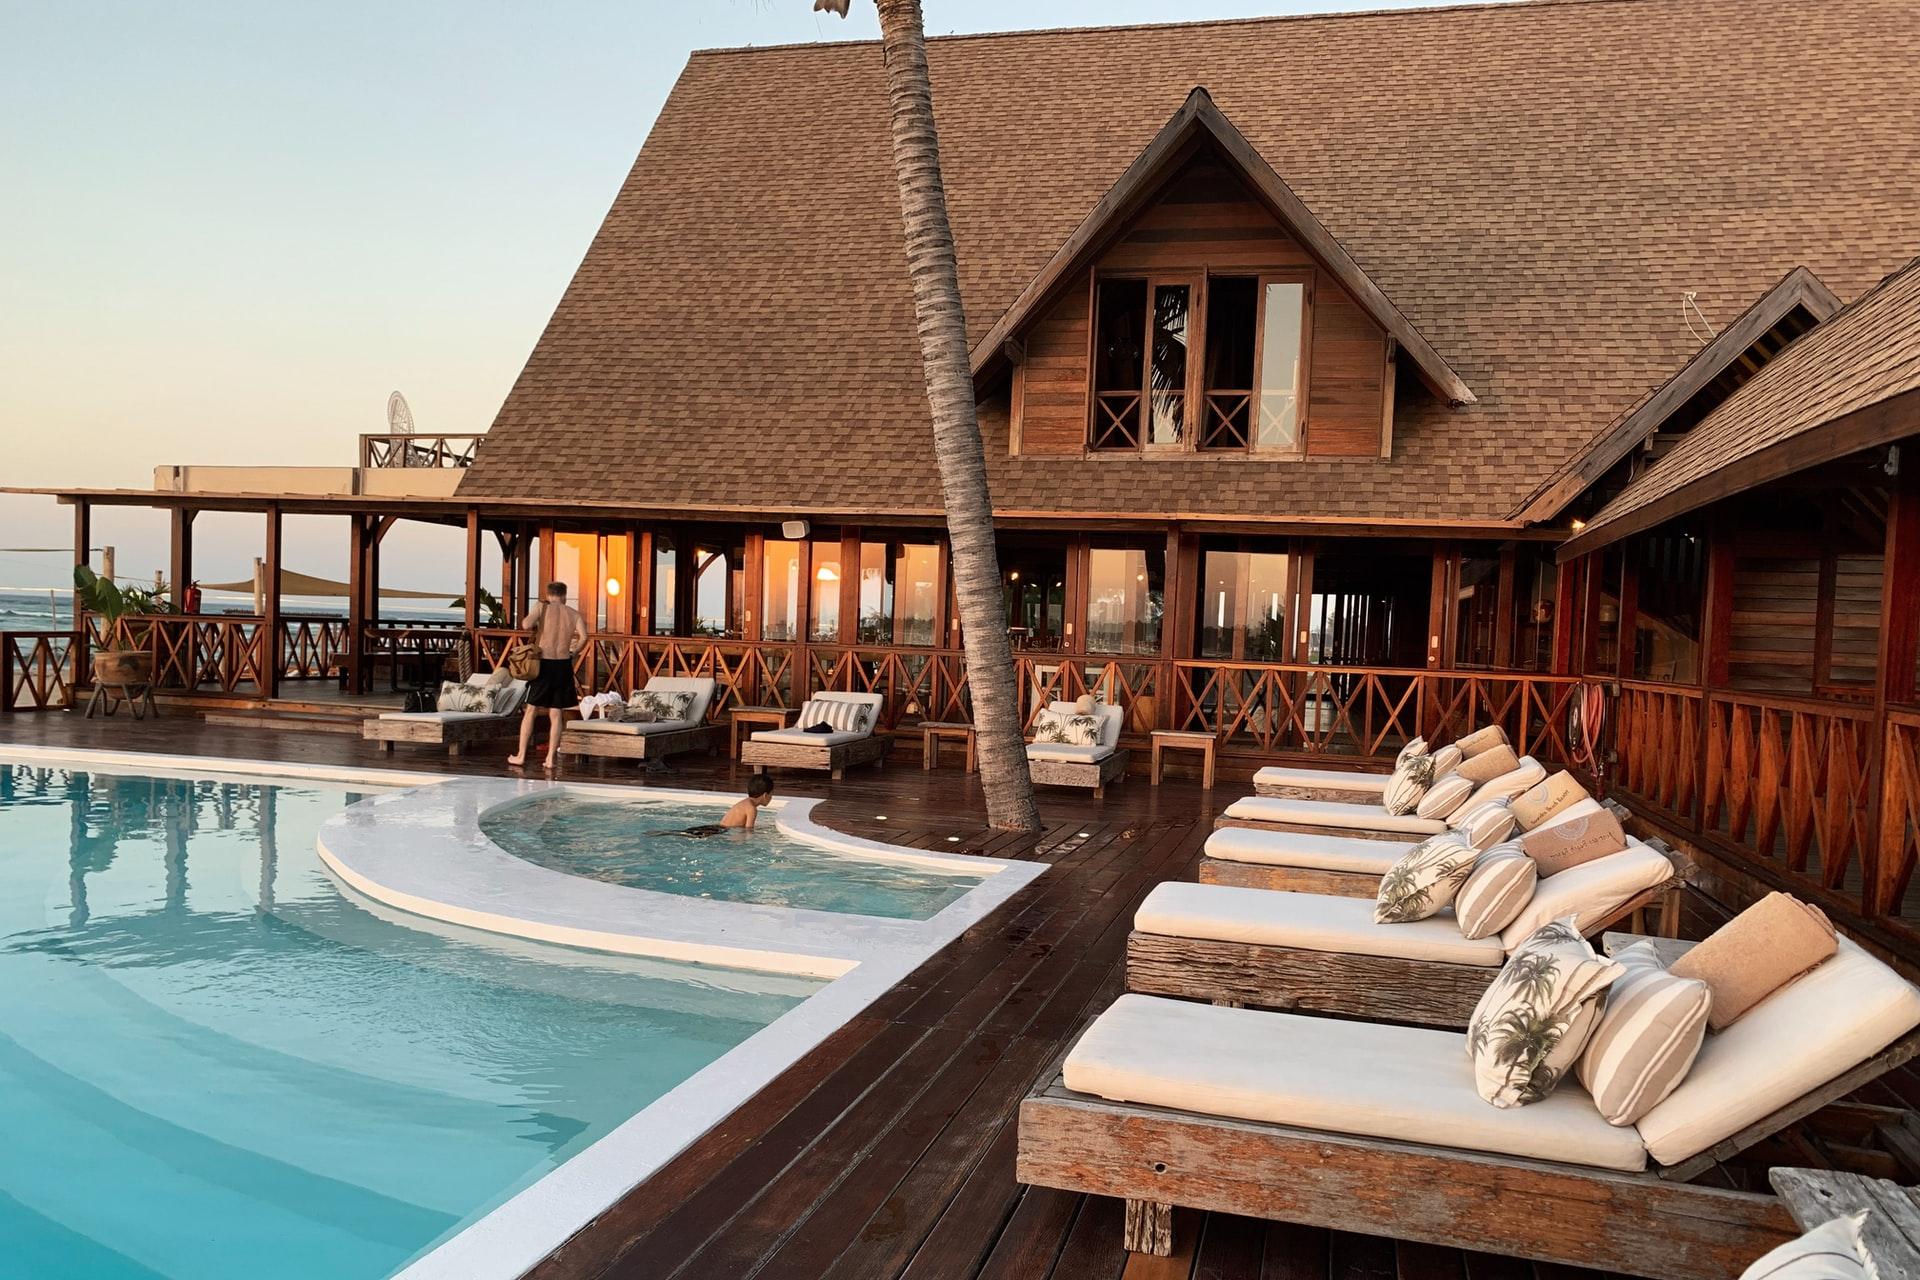 02 Hotels